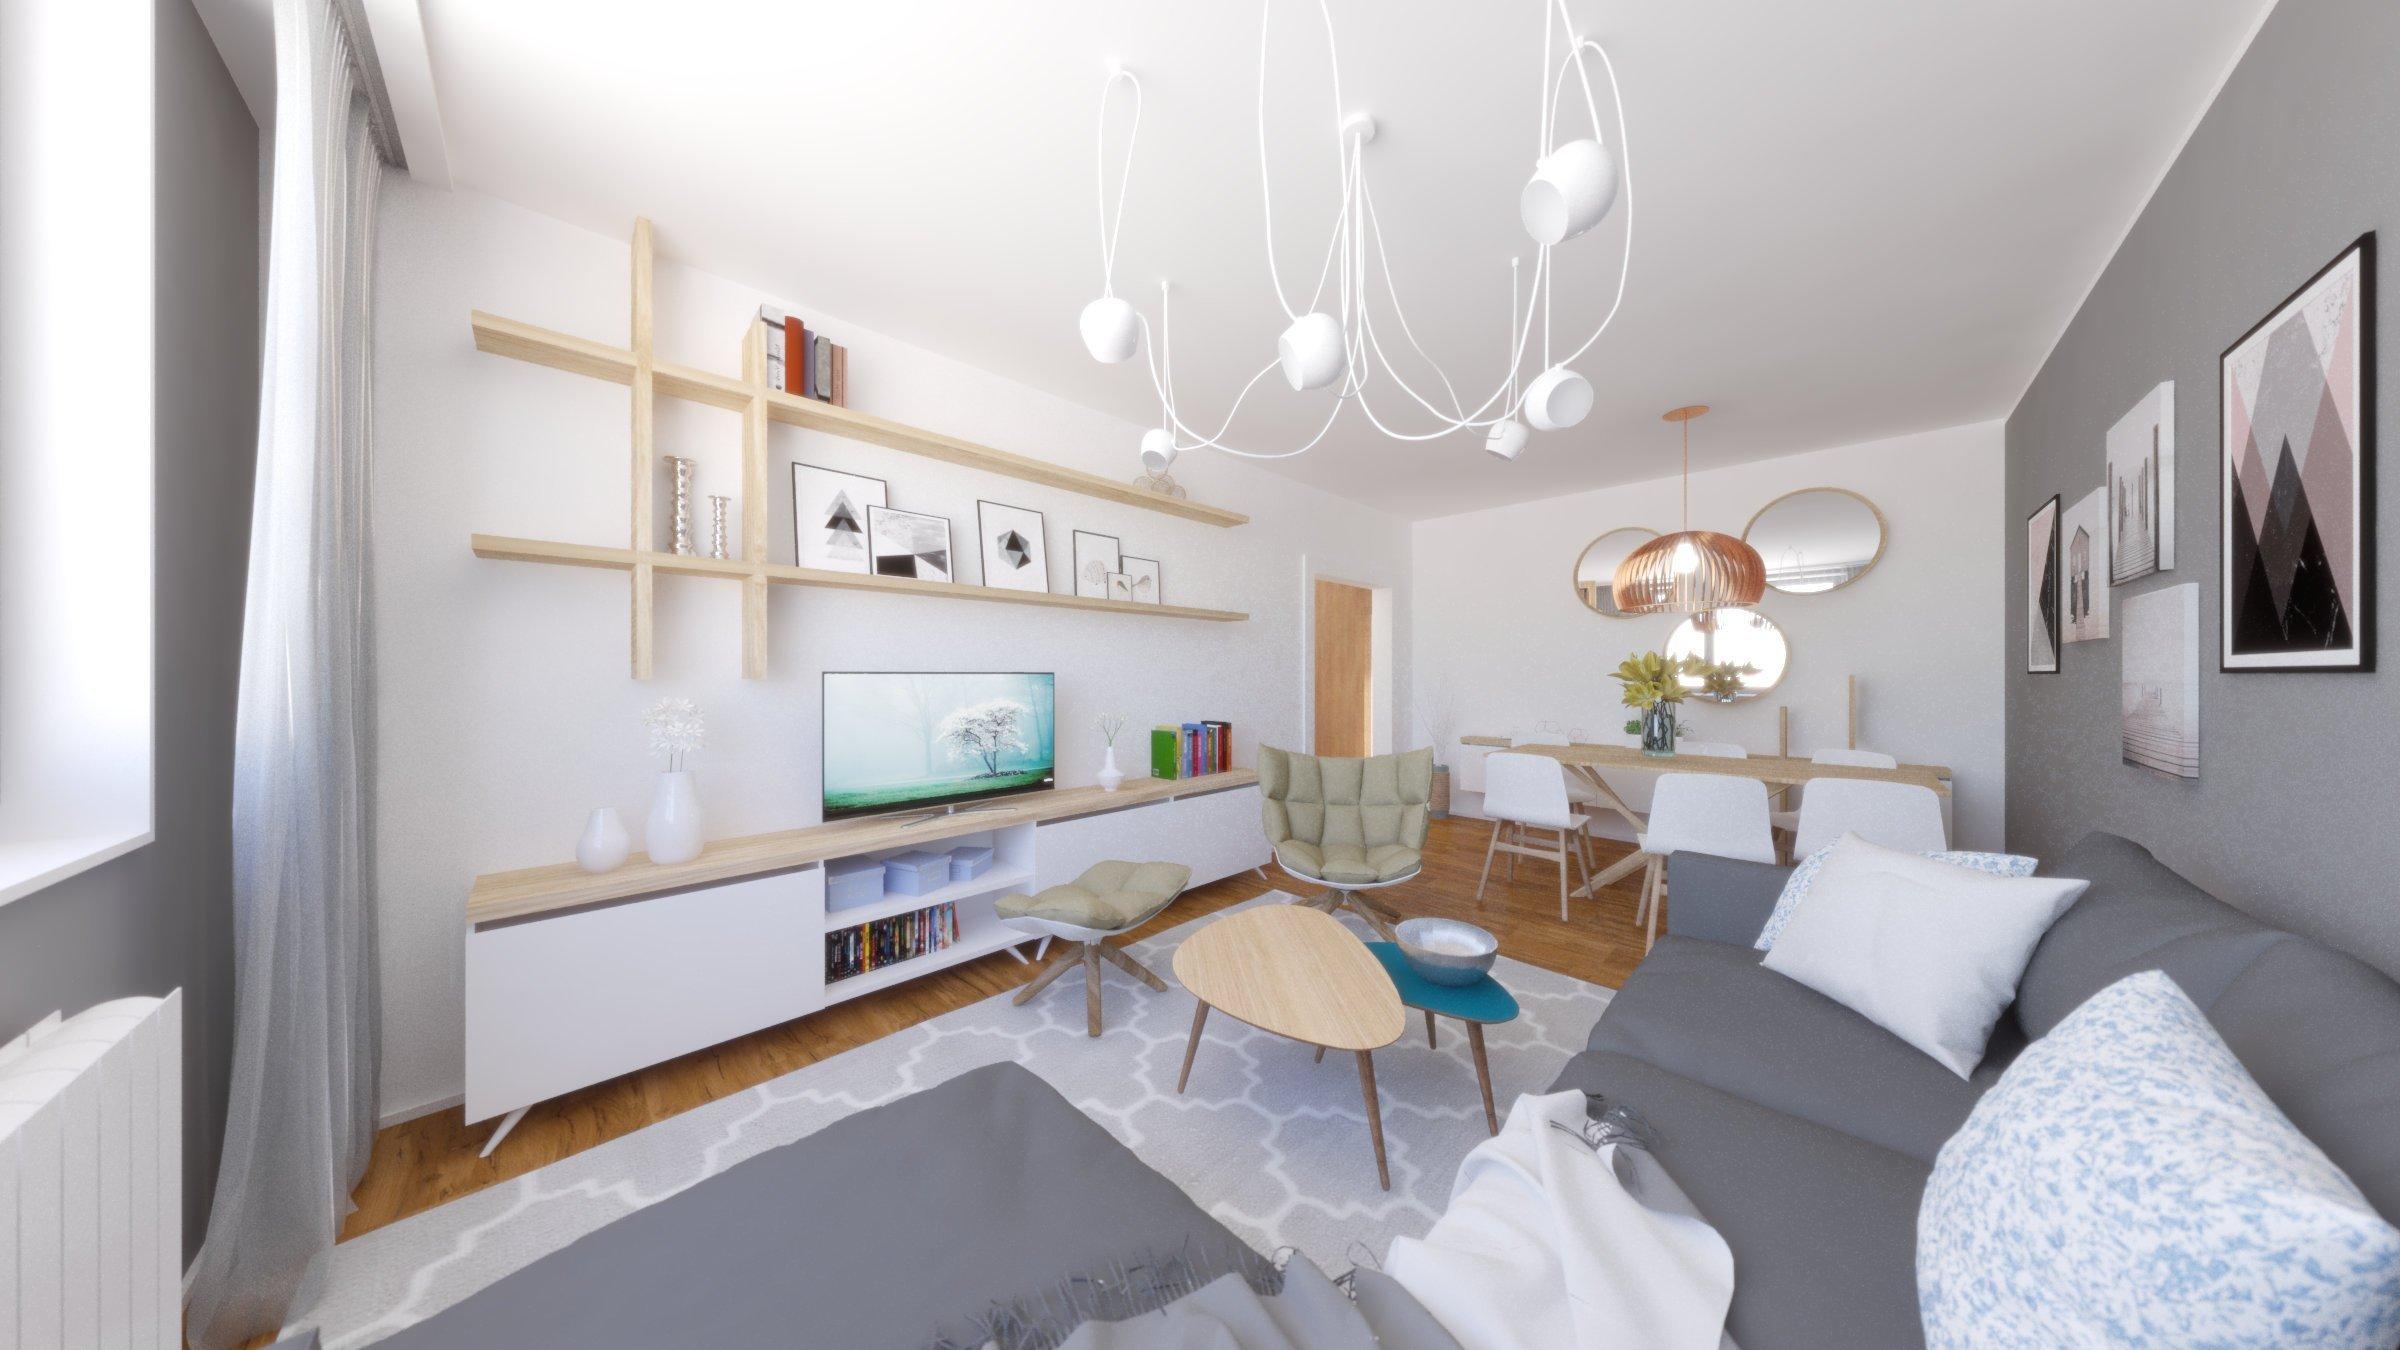 Starší byt v paneláku, bez možnosti búrania priečok, nemusí byť dôvod na sťahovanie sa. Nadchnite sa z priestoru vďaka správnemu uhlu pohľadu.